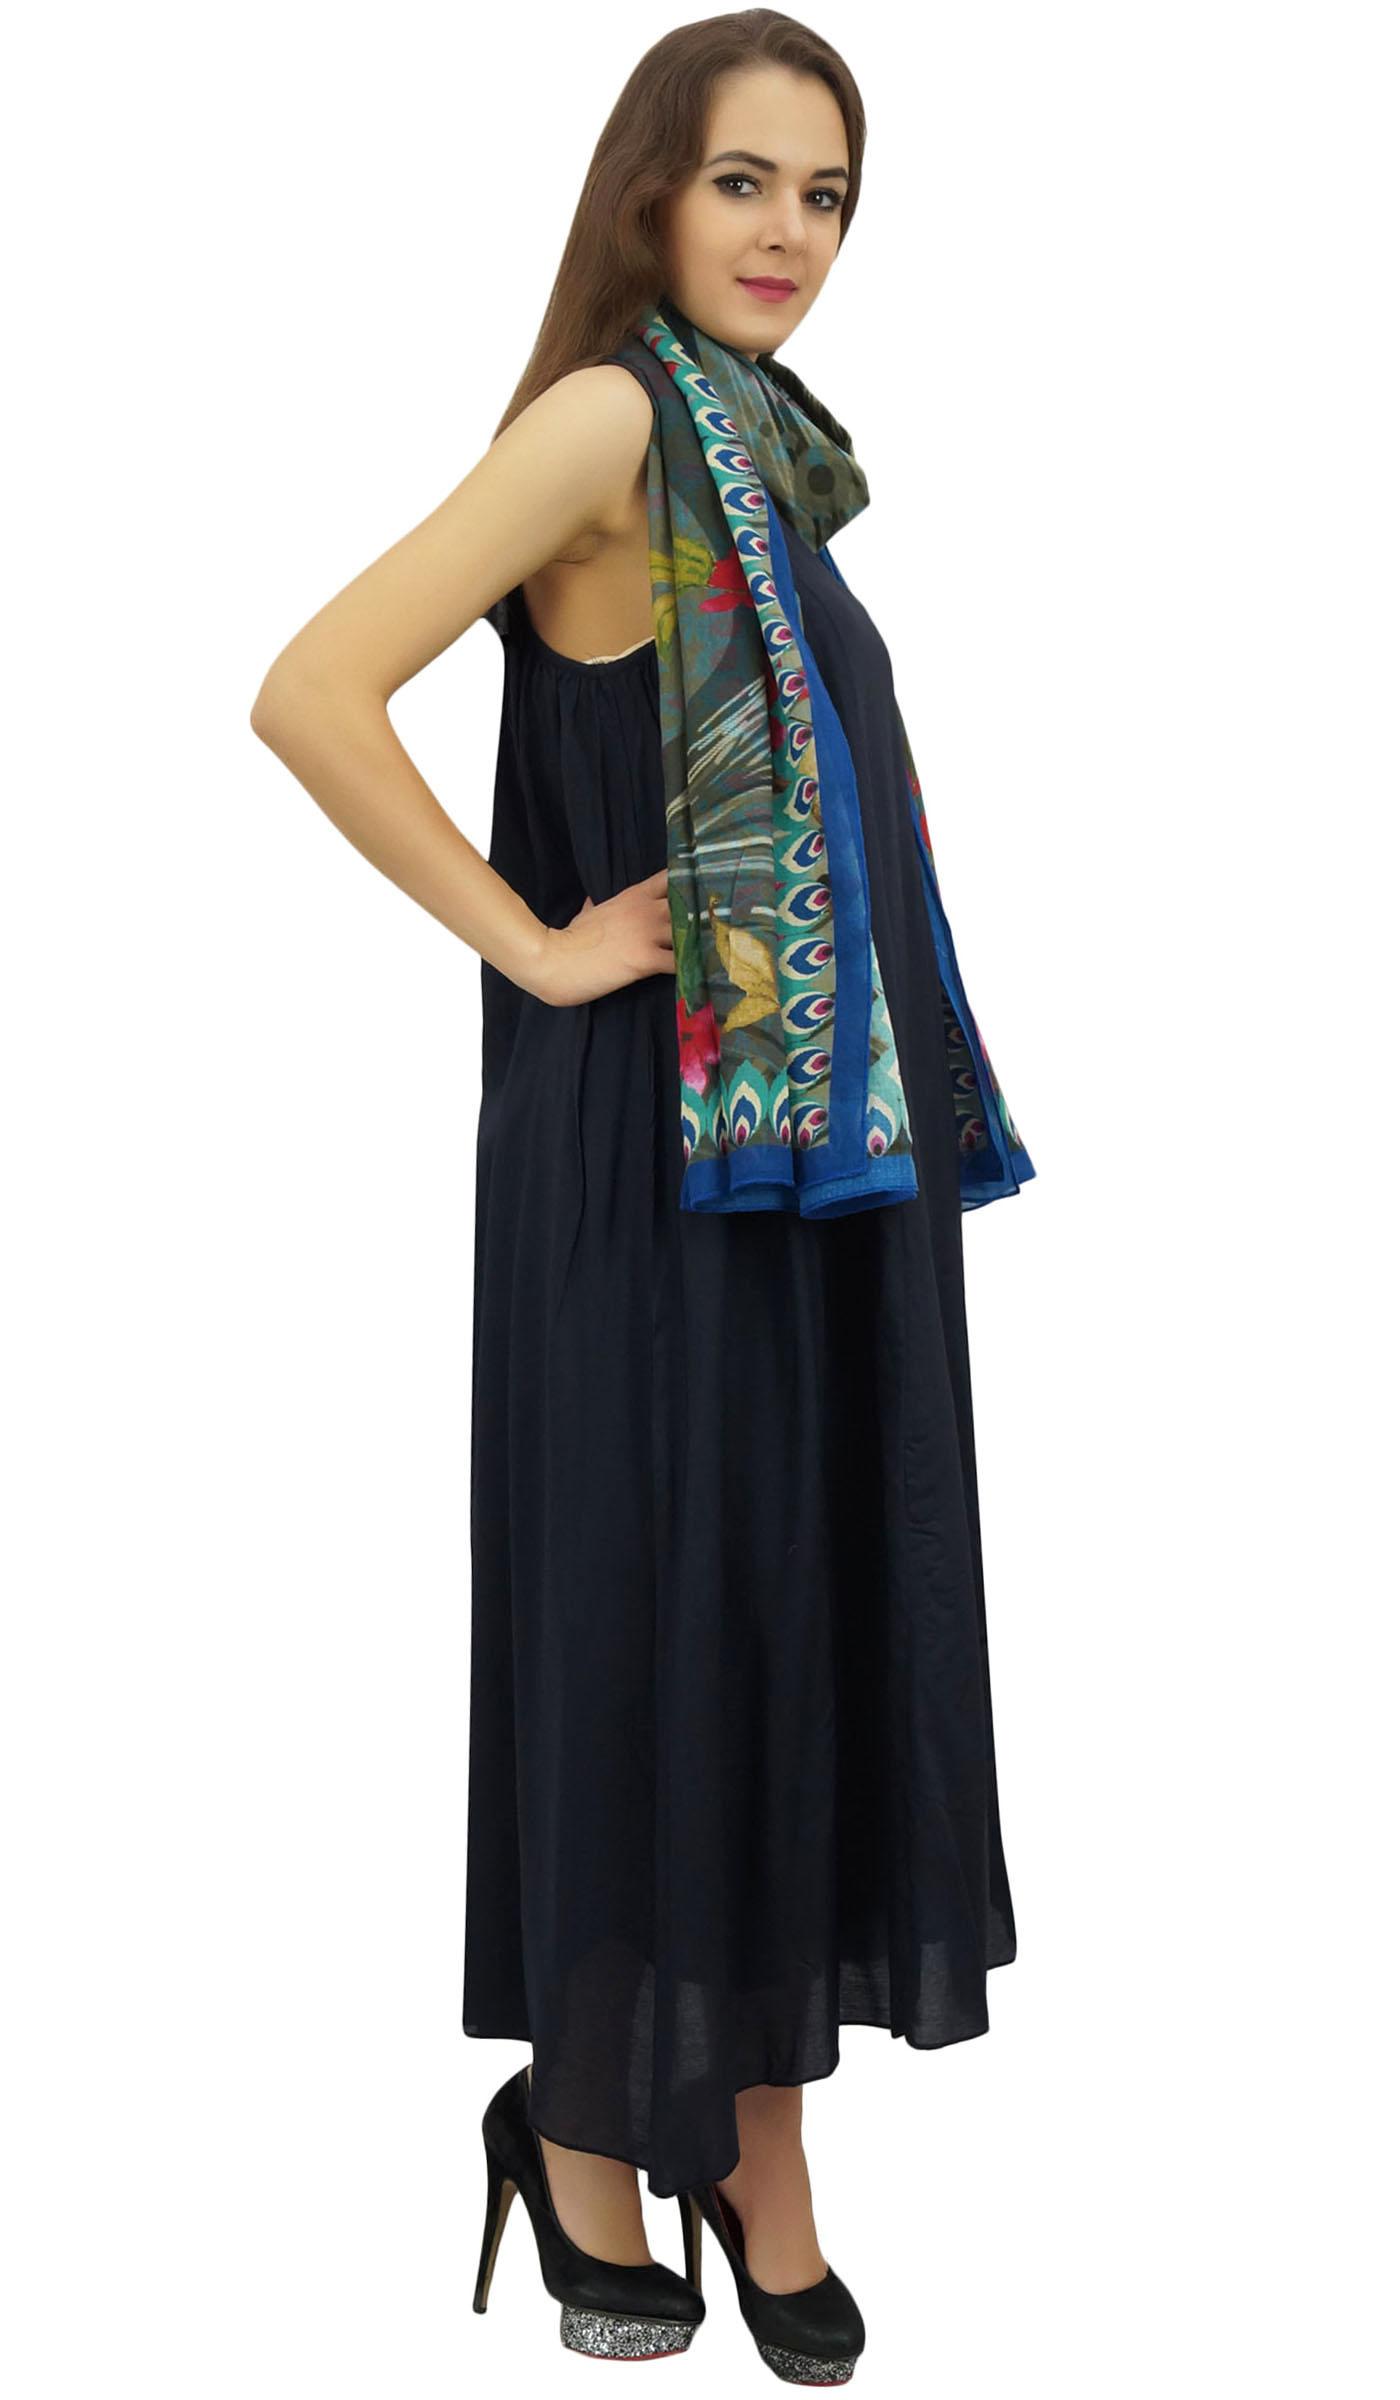 Indexbild 5 - Bimba Damen Designer Marineblaues Kleid Mit Floral Bedrucktem Schal-wbh